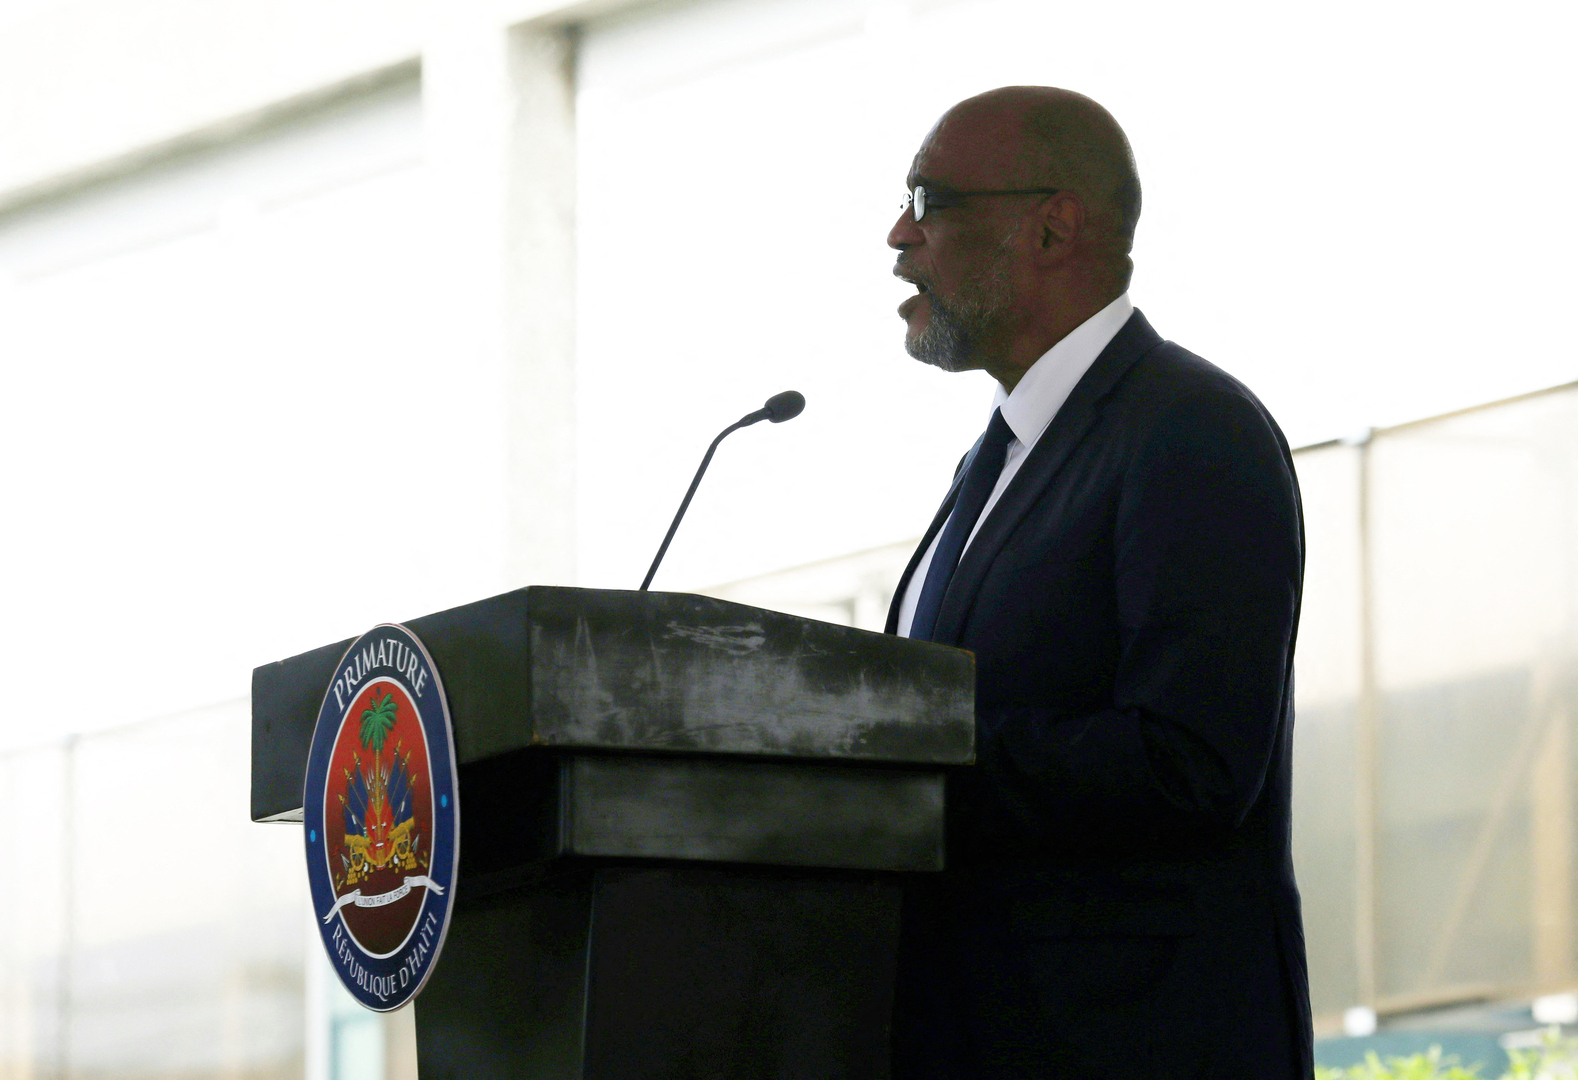 هايتي.. أرييل هنري يتولى منصب رئيس الوزراء